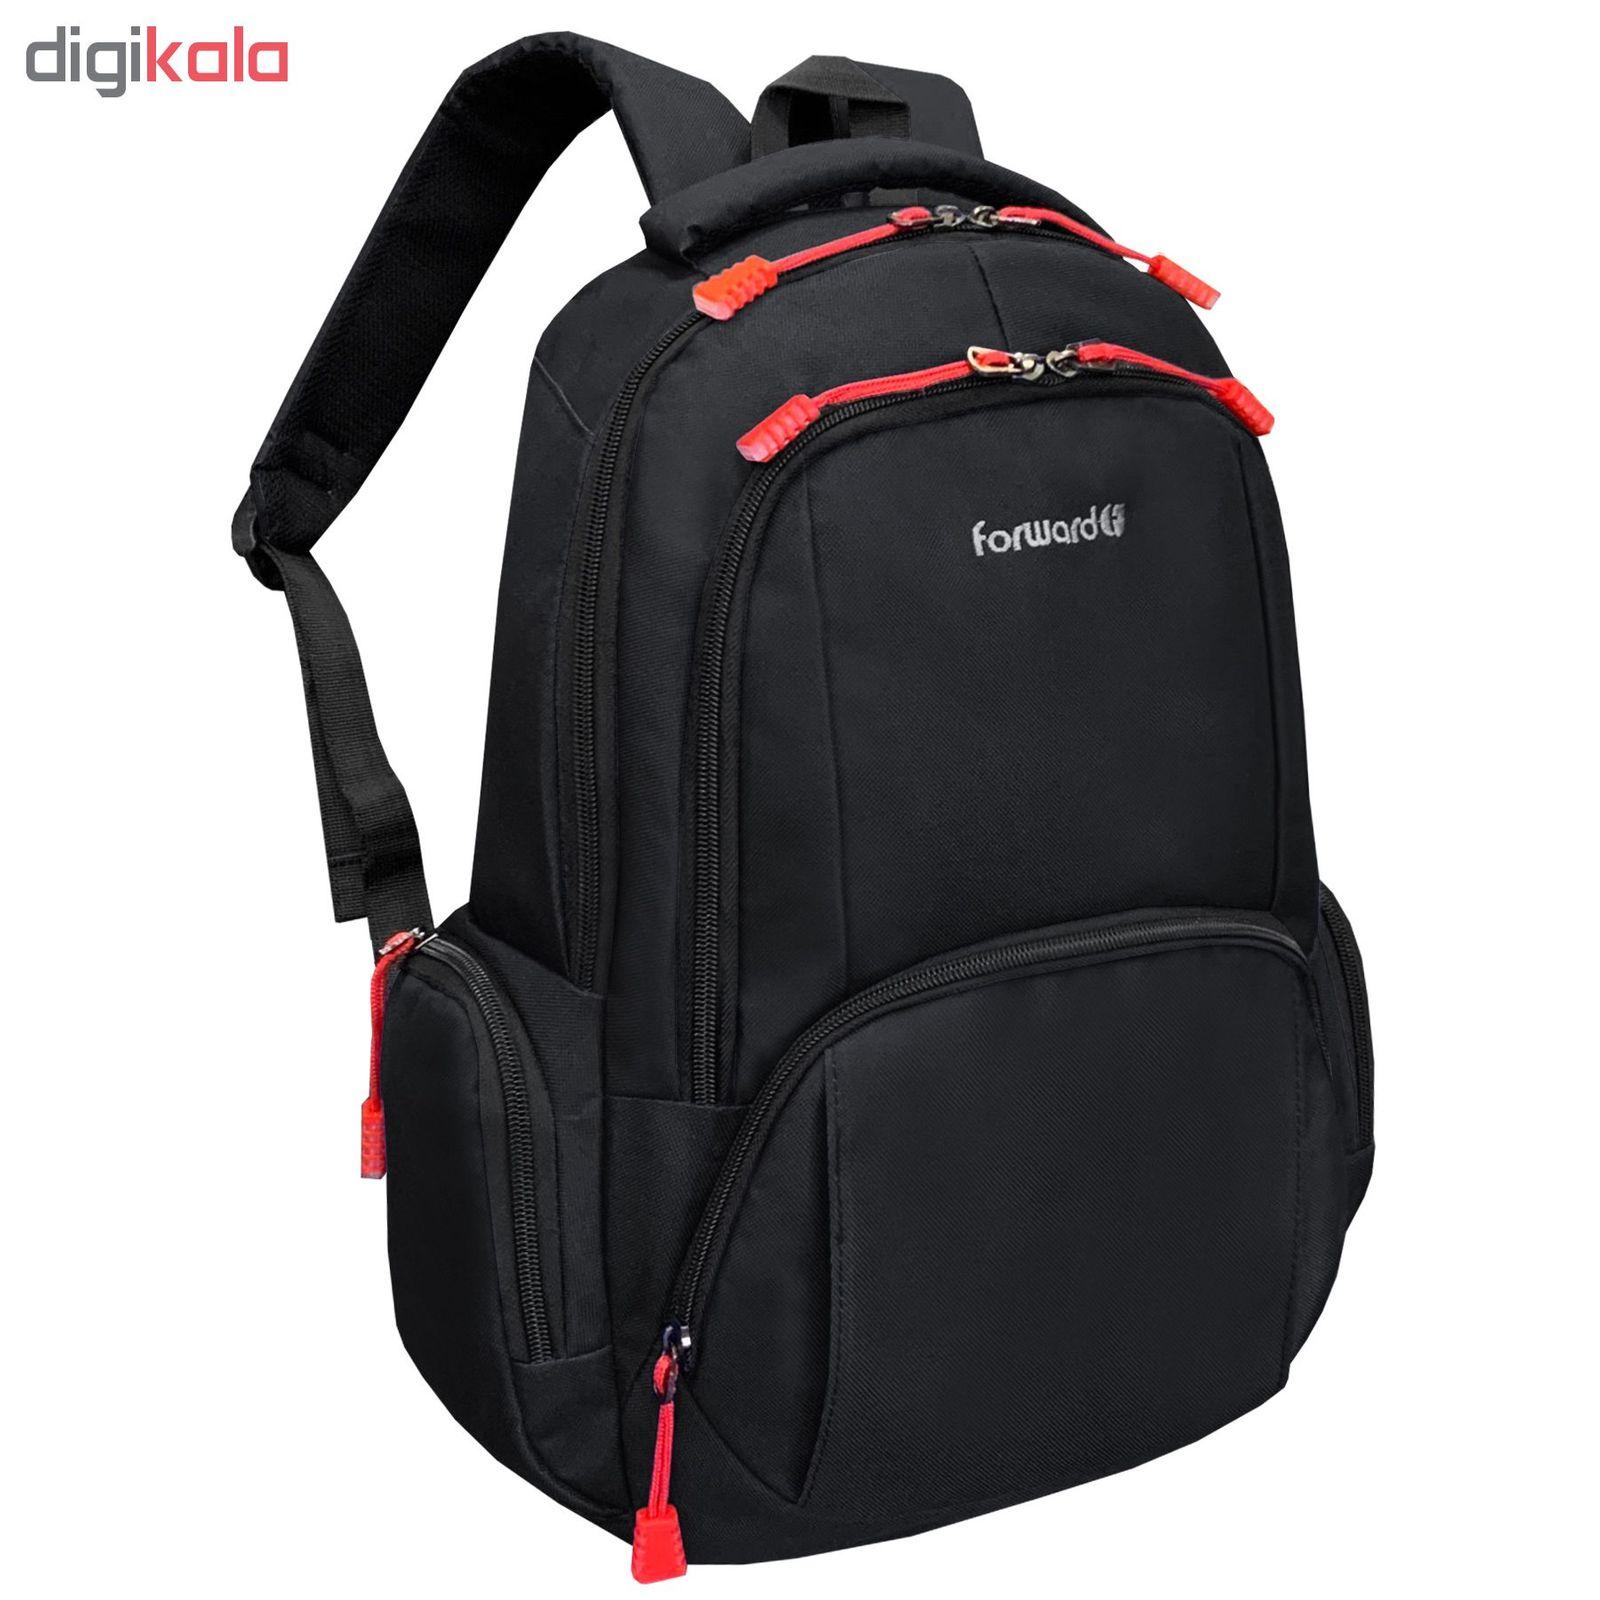 کوله پشتی لپ تاپ فوروارد مدل FCLT9006 مناسب برای لپ تاپ 16.4 اینچی main 1 1